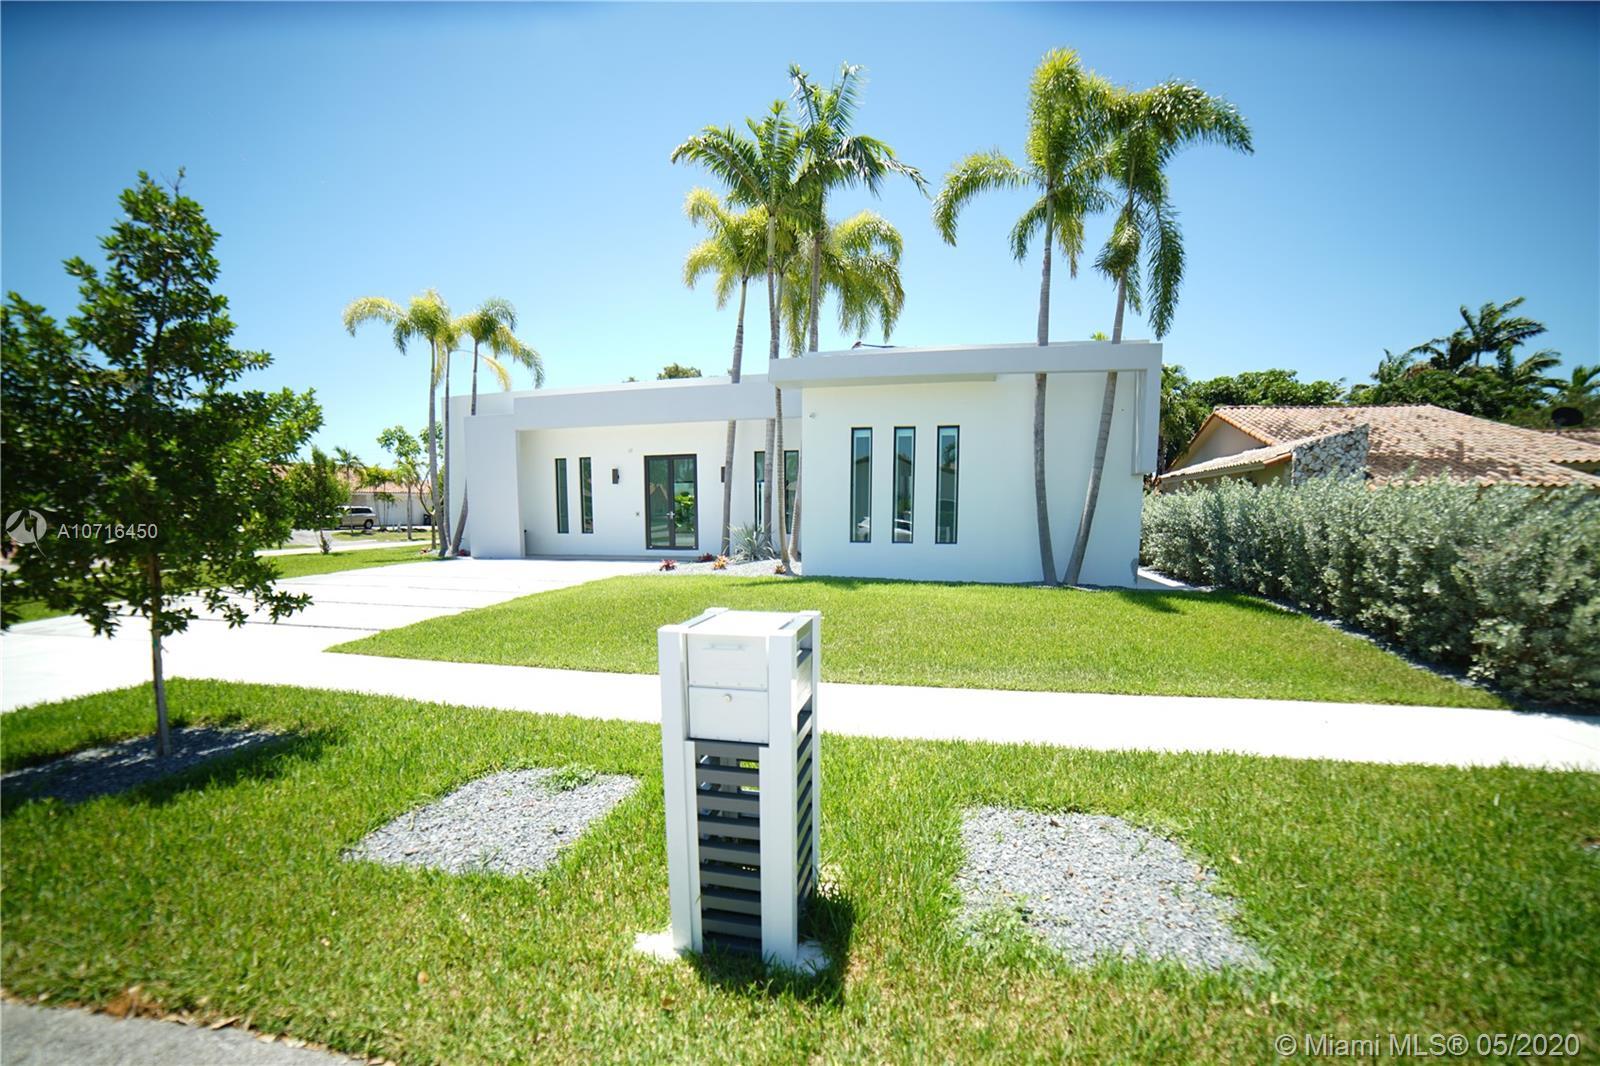 9954 SW 31st Ter, Miami, FL 33165